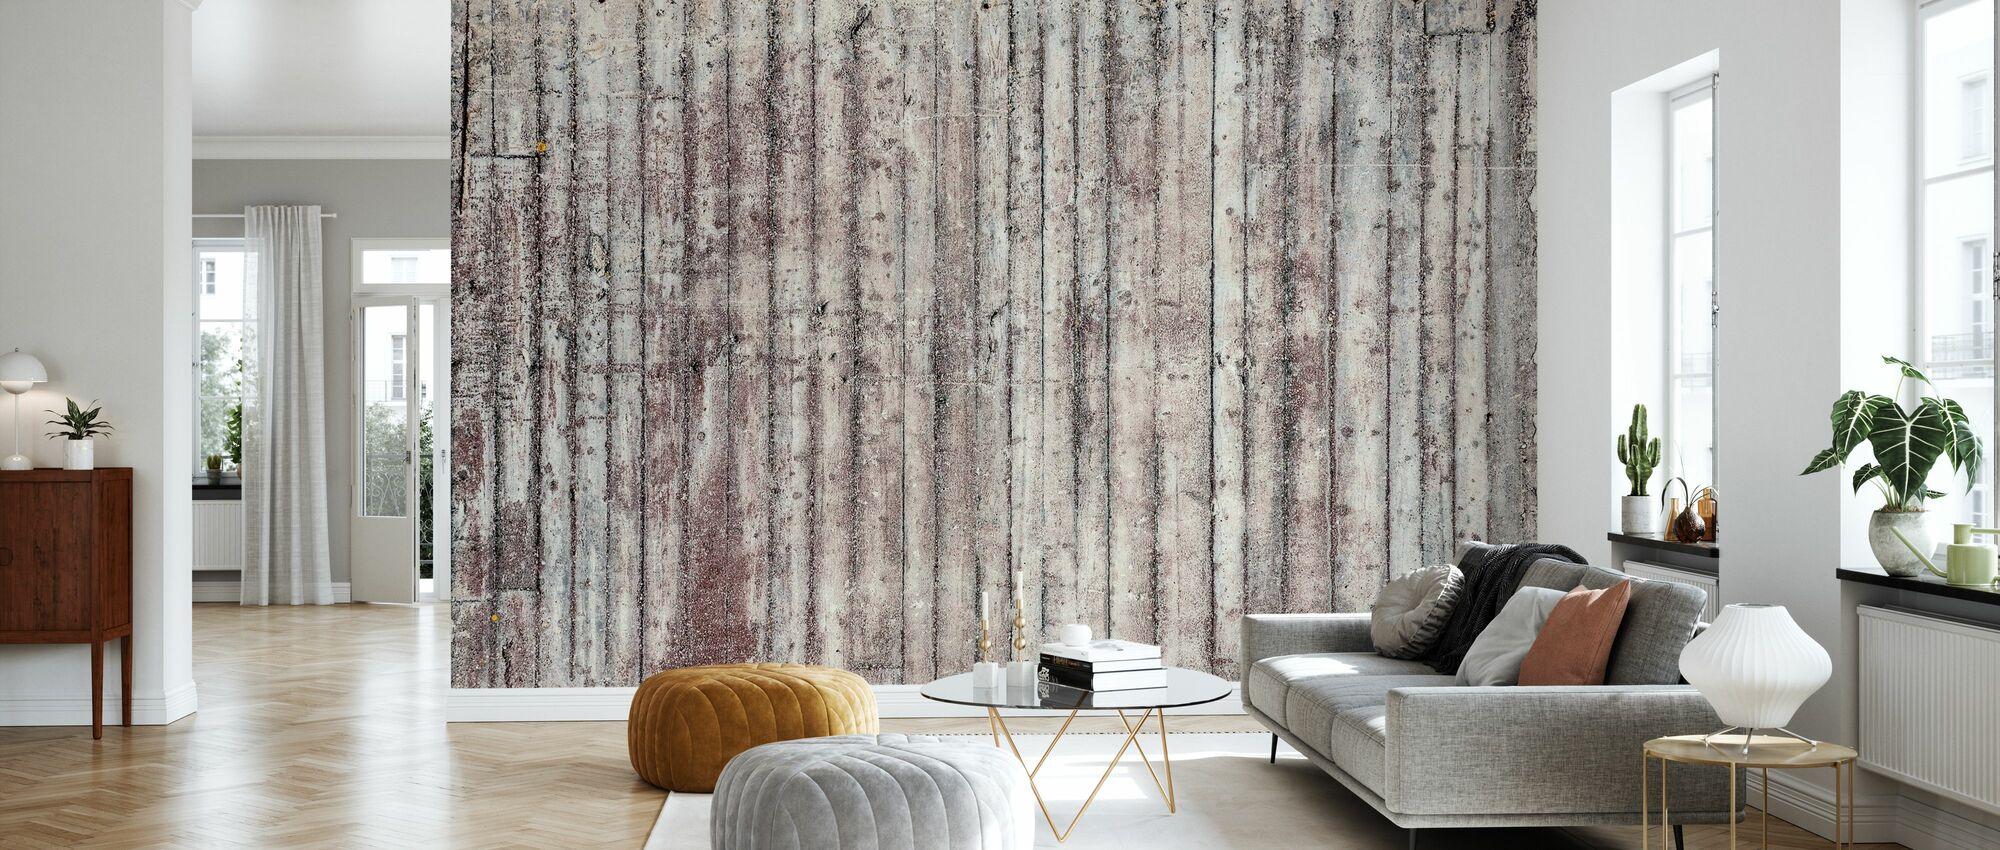 Betonwand aus Holz - Tapete - Wohnzimmer